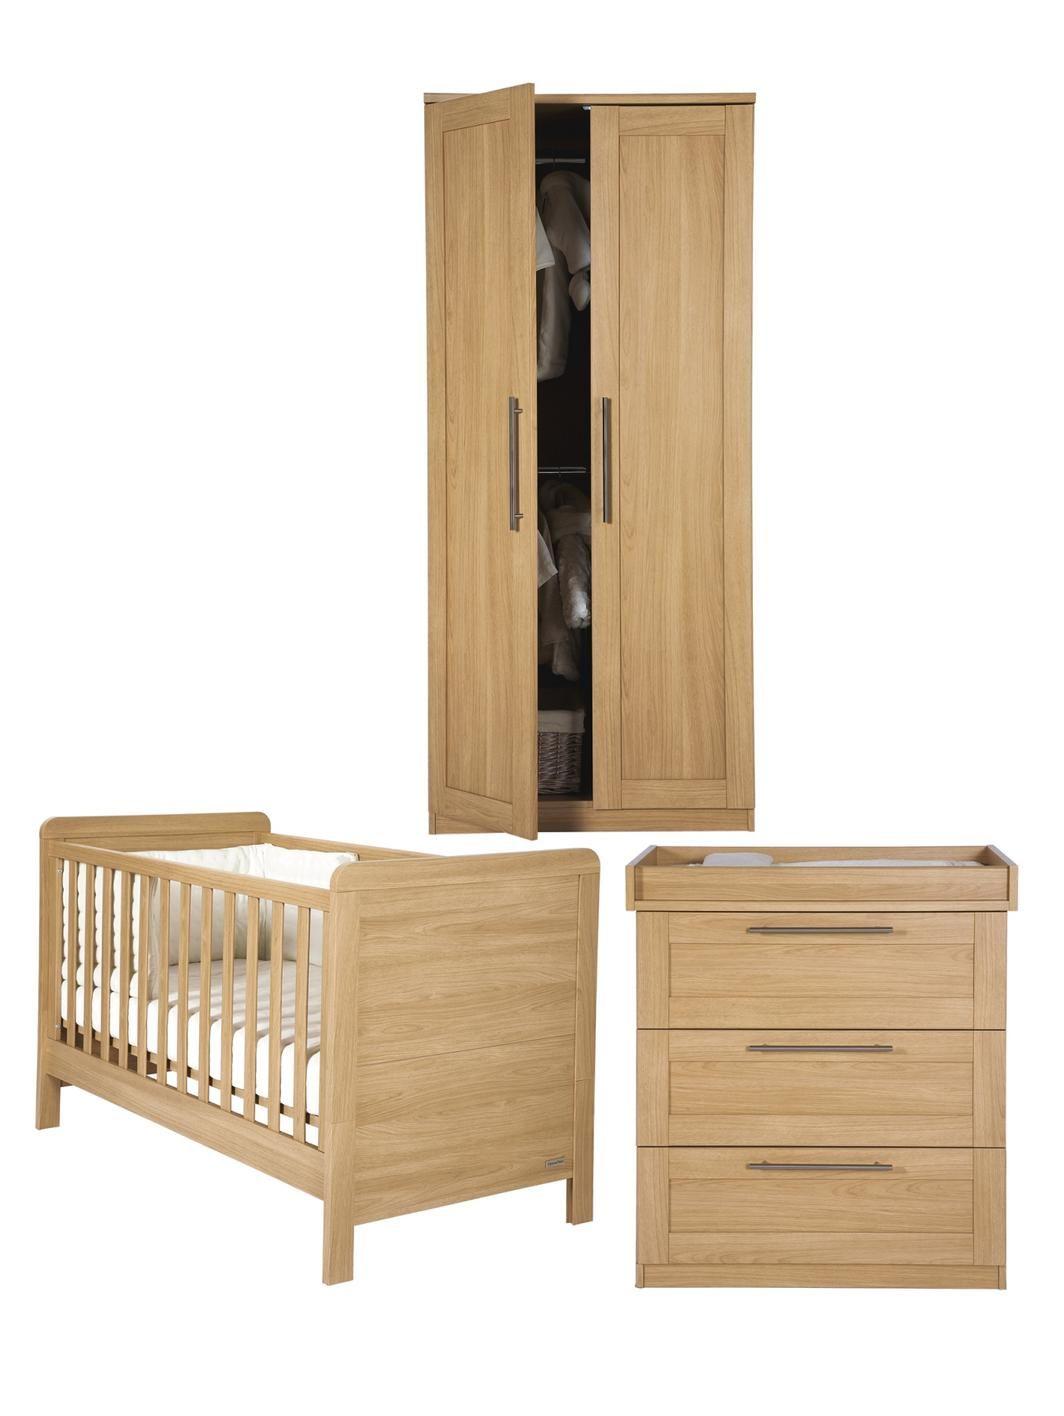 Rialto Nursery Furniture Bundle Oak Effect Http Www